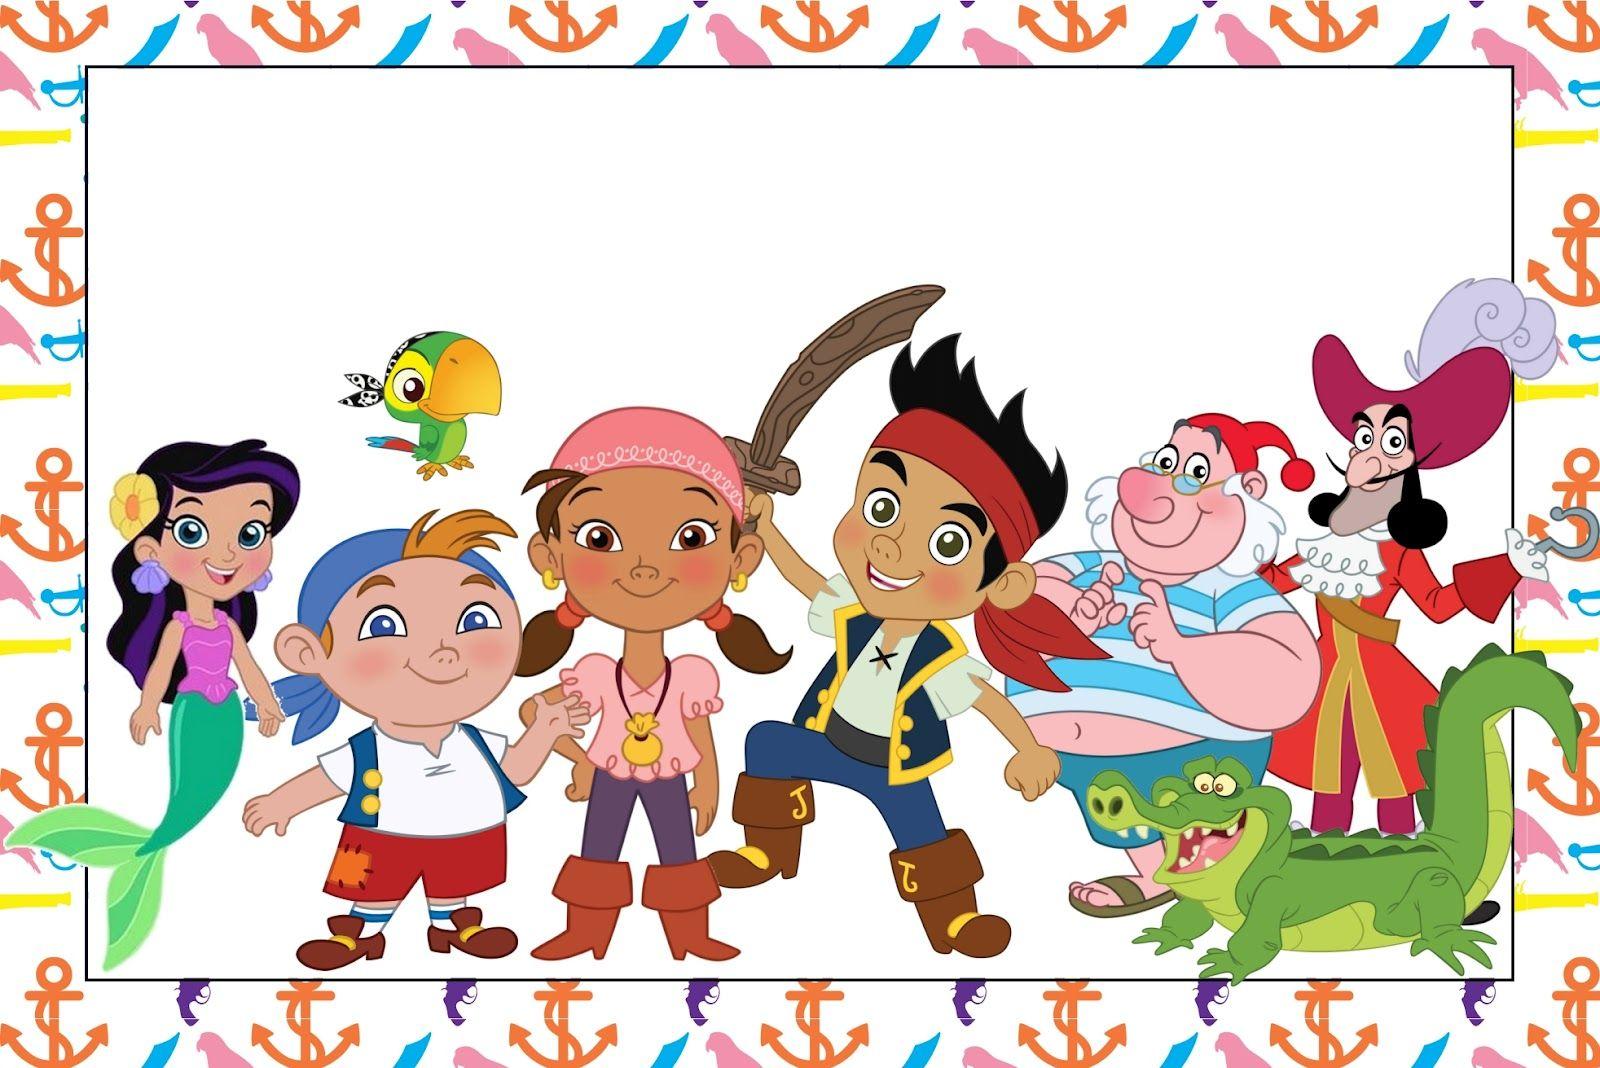 Jake y los piratas de nunca jamas - Nocturnar | piratas | Pinterest ...